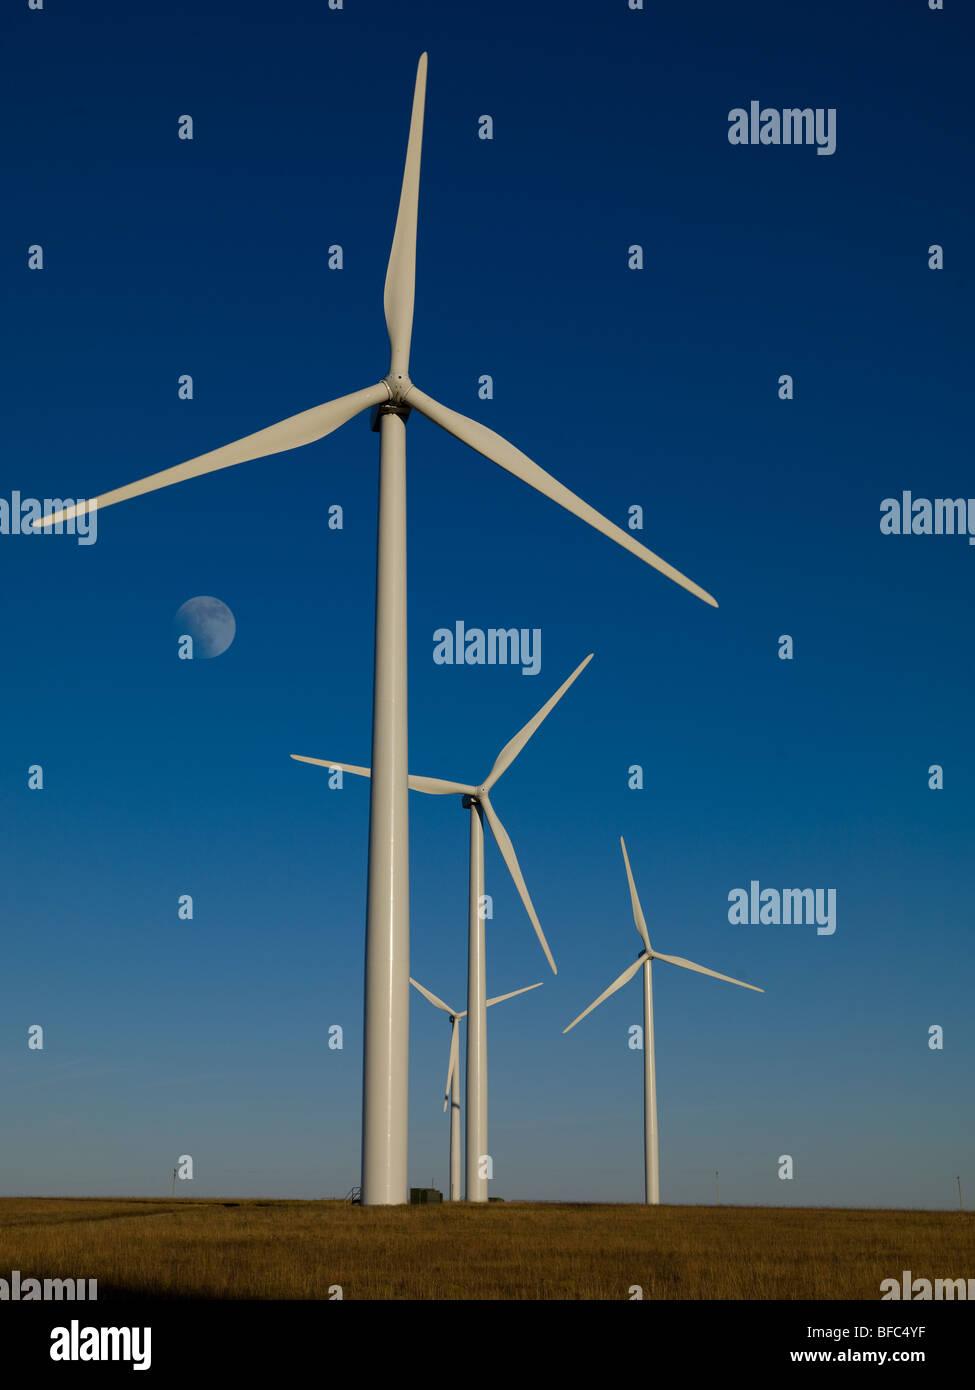 Windpark in Flint Hills in der Nähe von Beaumont, Kansas, USA, am Nachmittag in Richtung Osten mit Mondaufgang. Stockbild